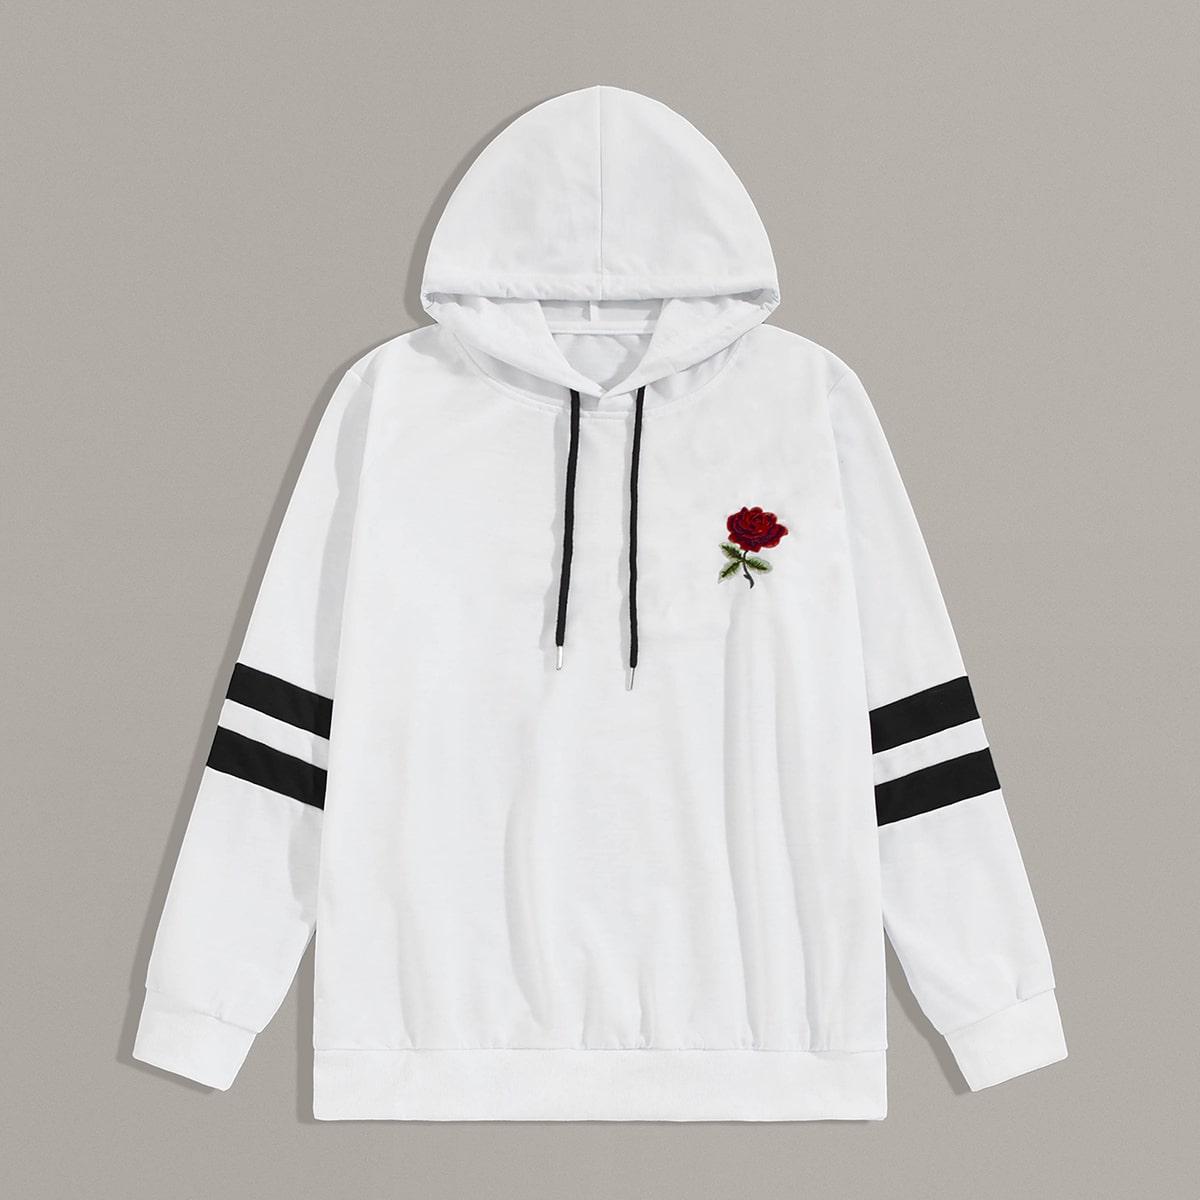 Wit Casual Borduurwerk Gestreept Sweatshirts voor heren